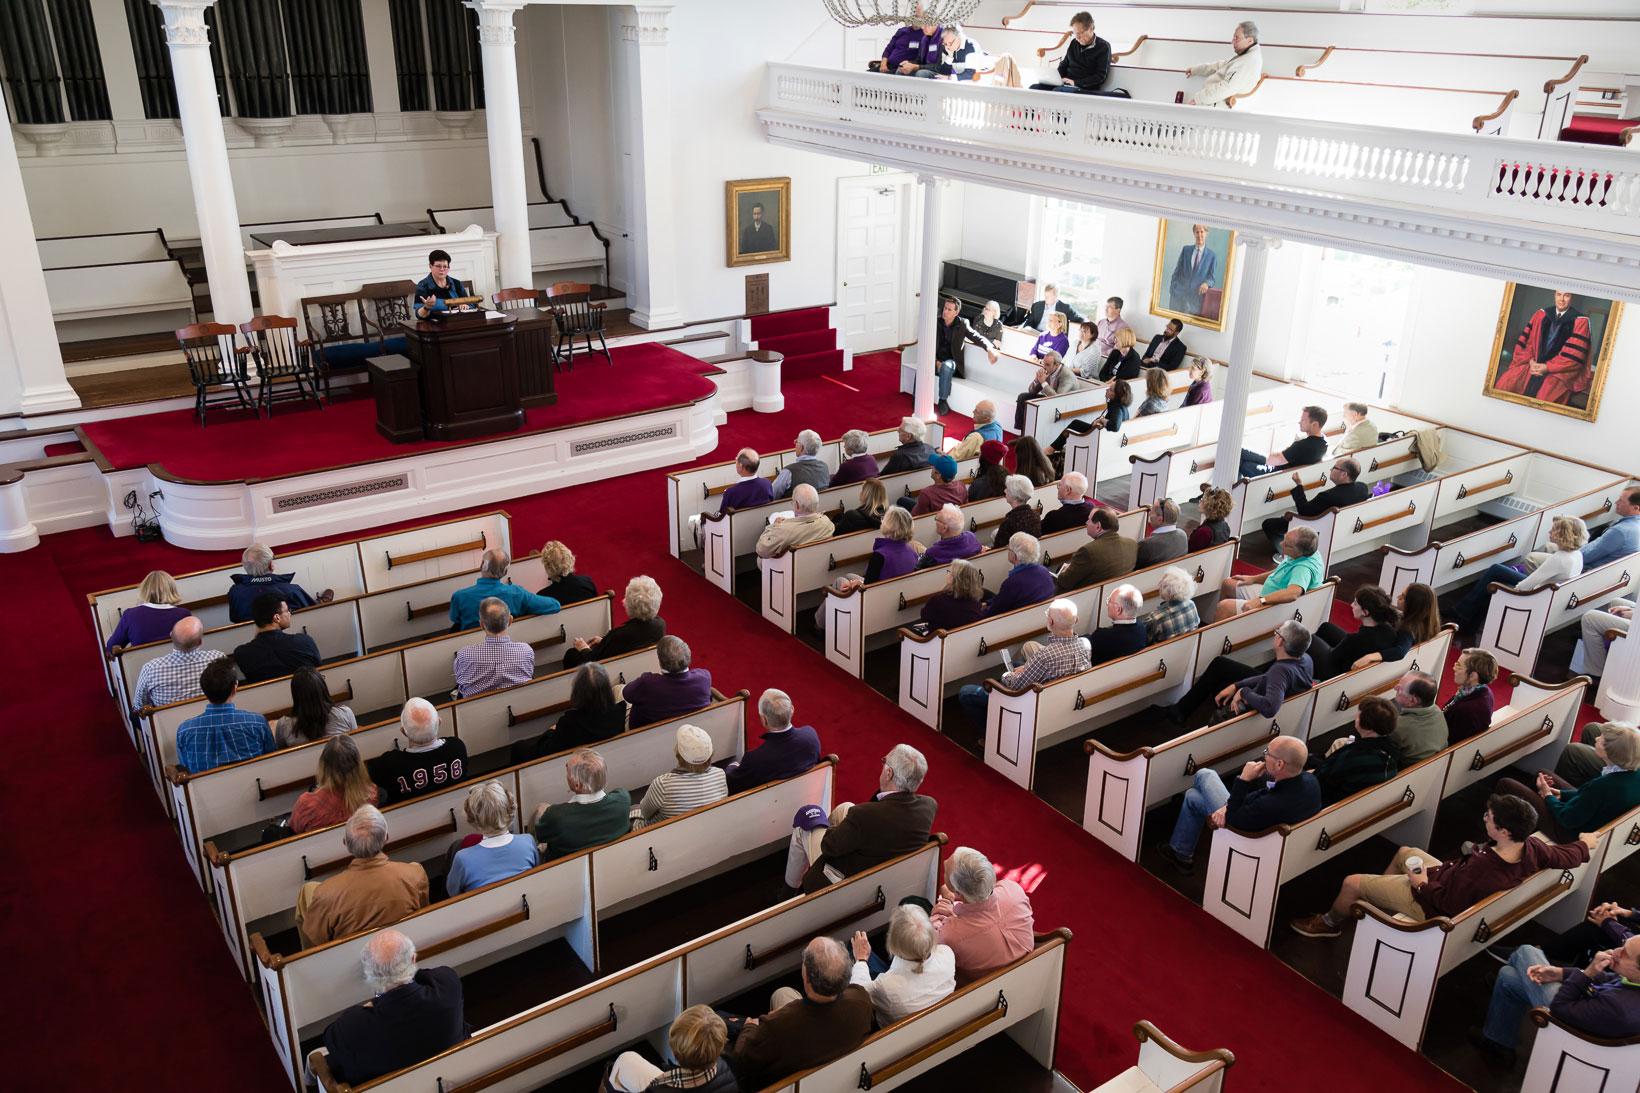 President Martin speaking in Johnson Chapel